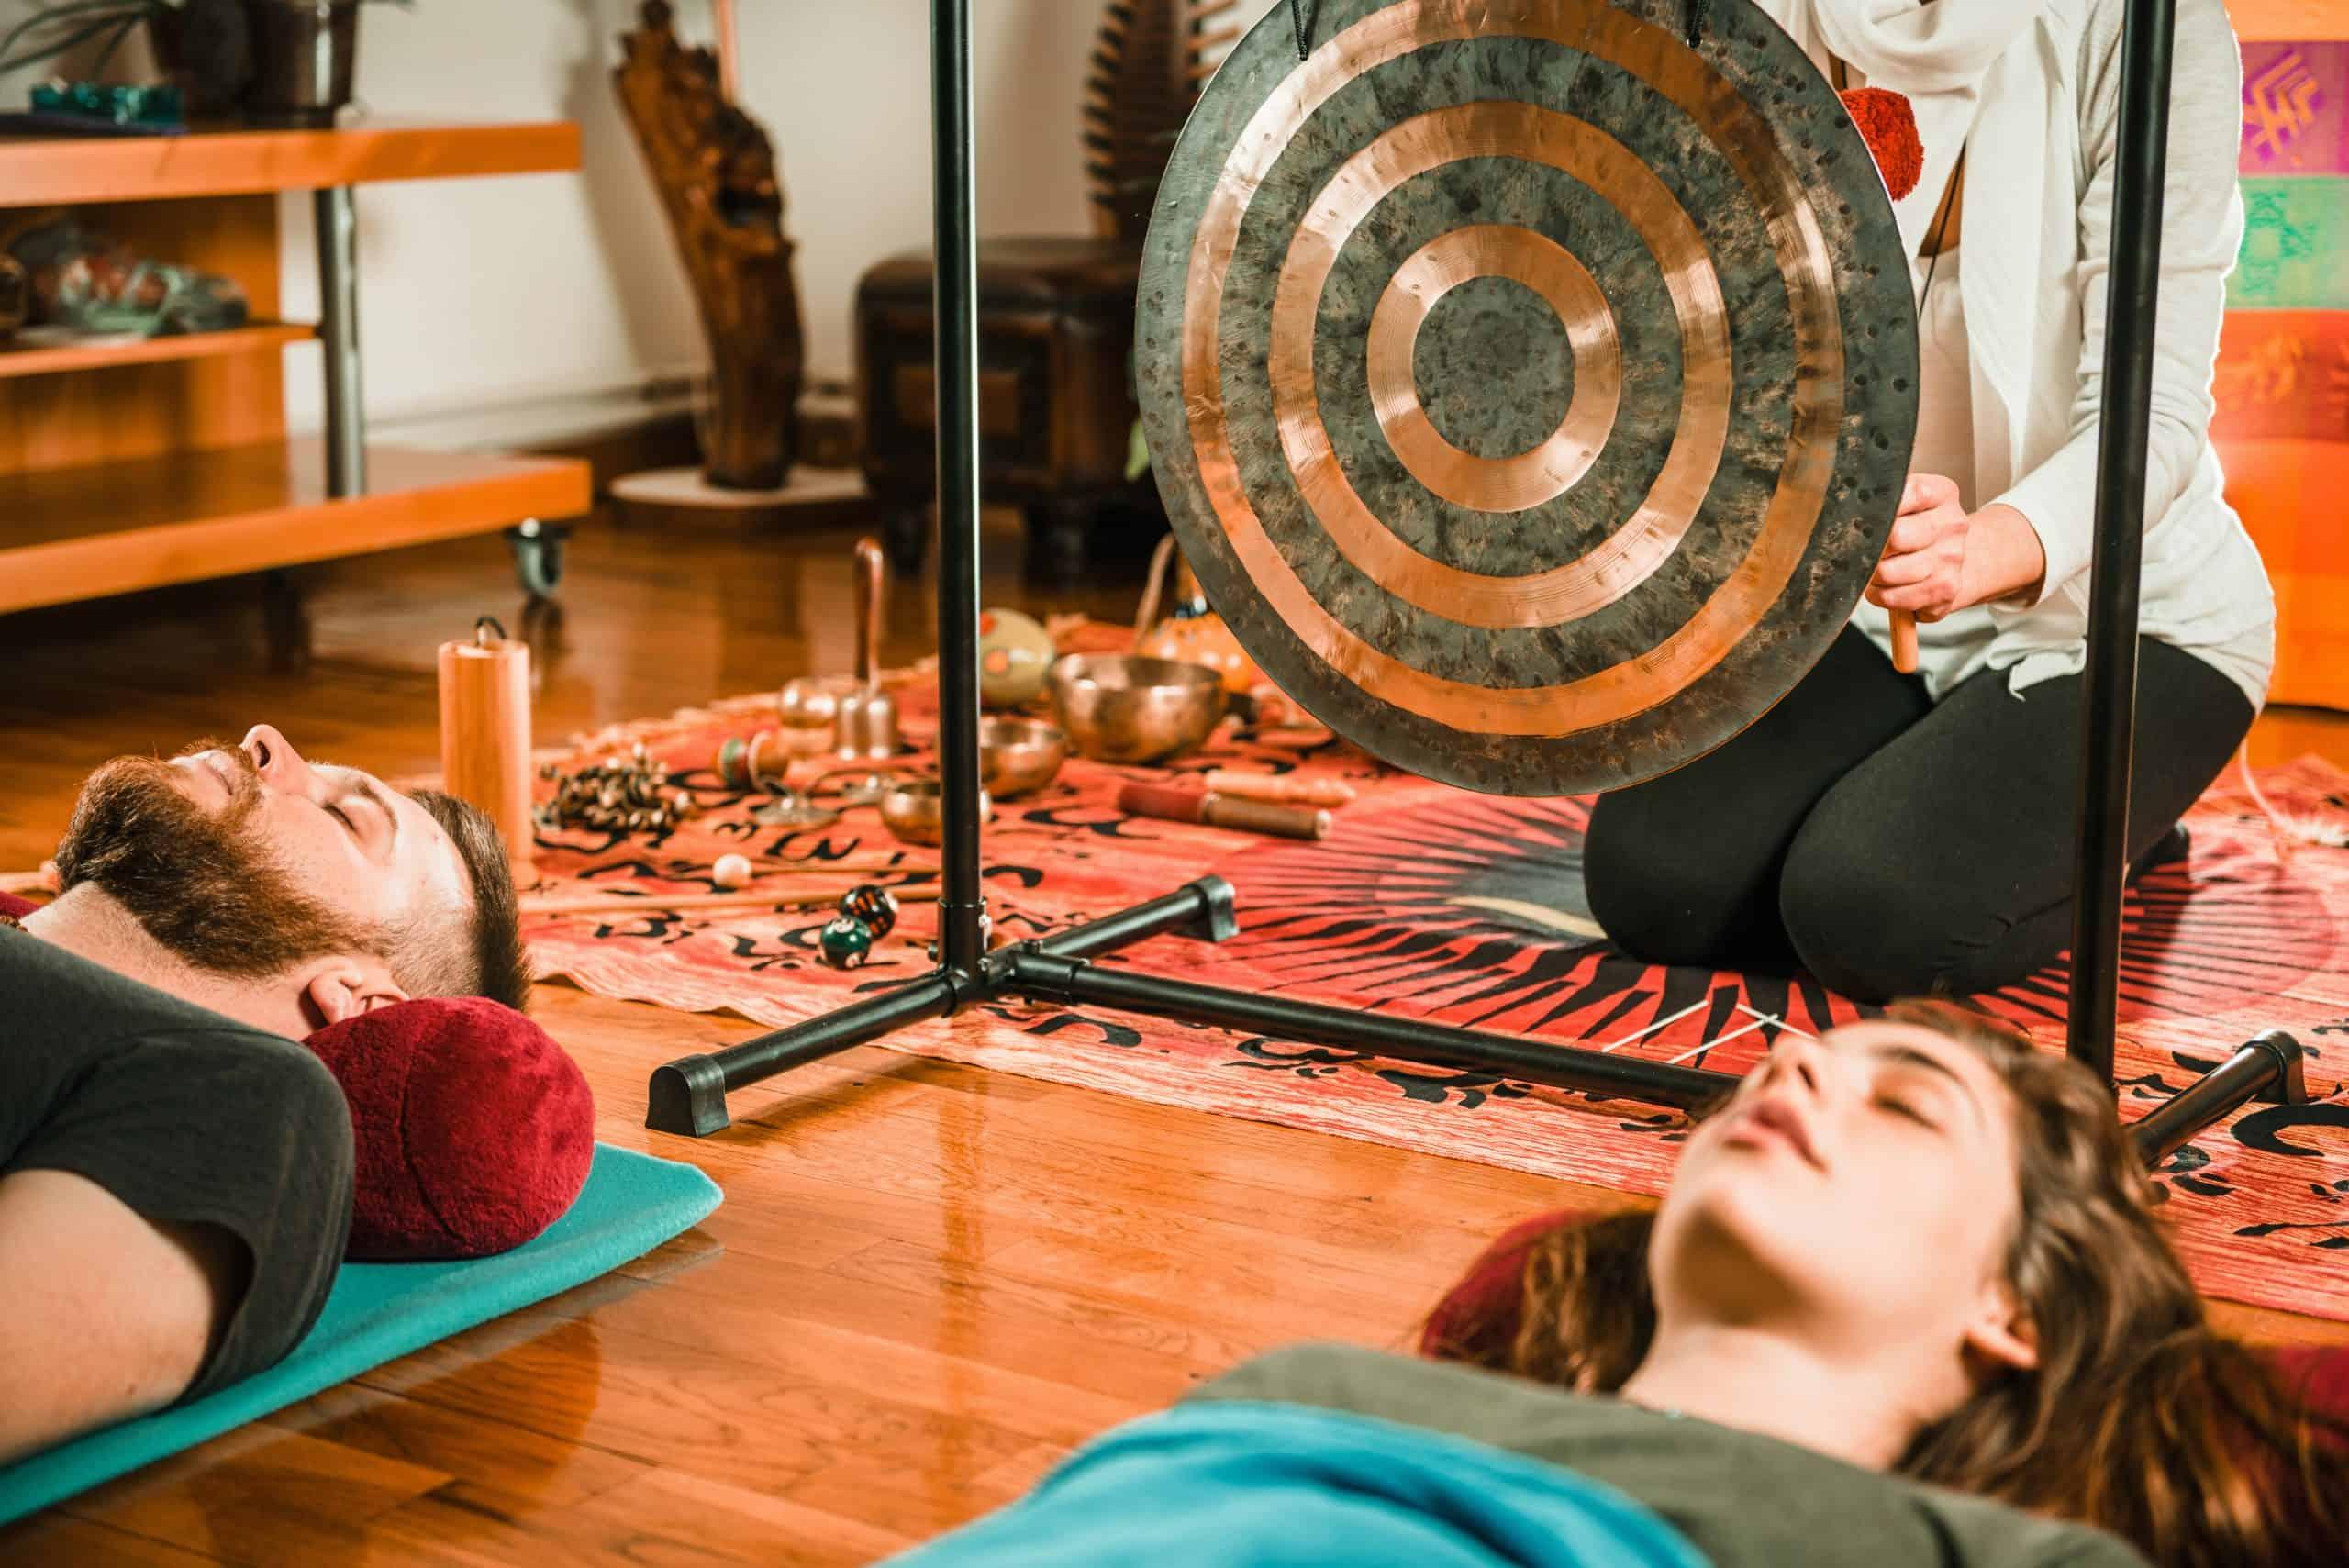 Sonothérapie, musicothérapie et assurances complémentaires